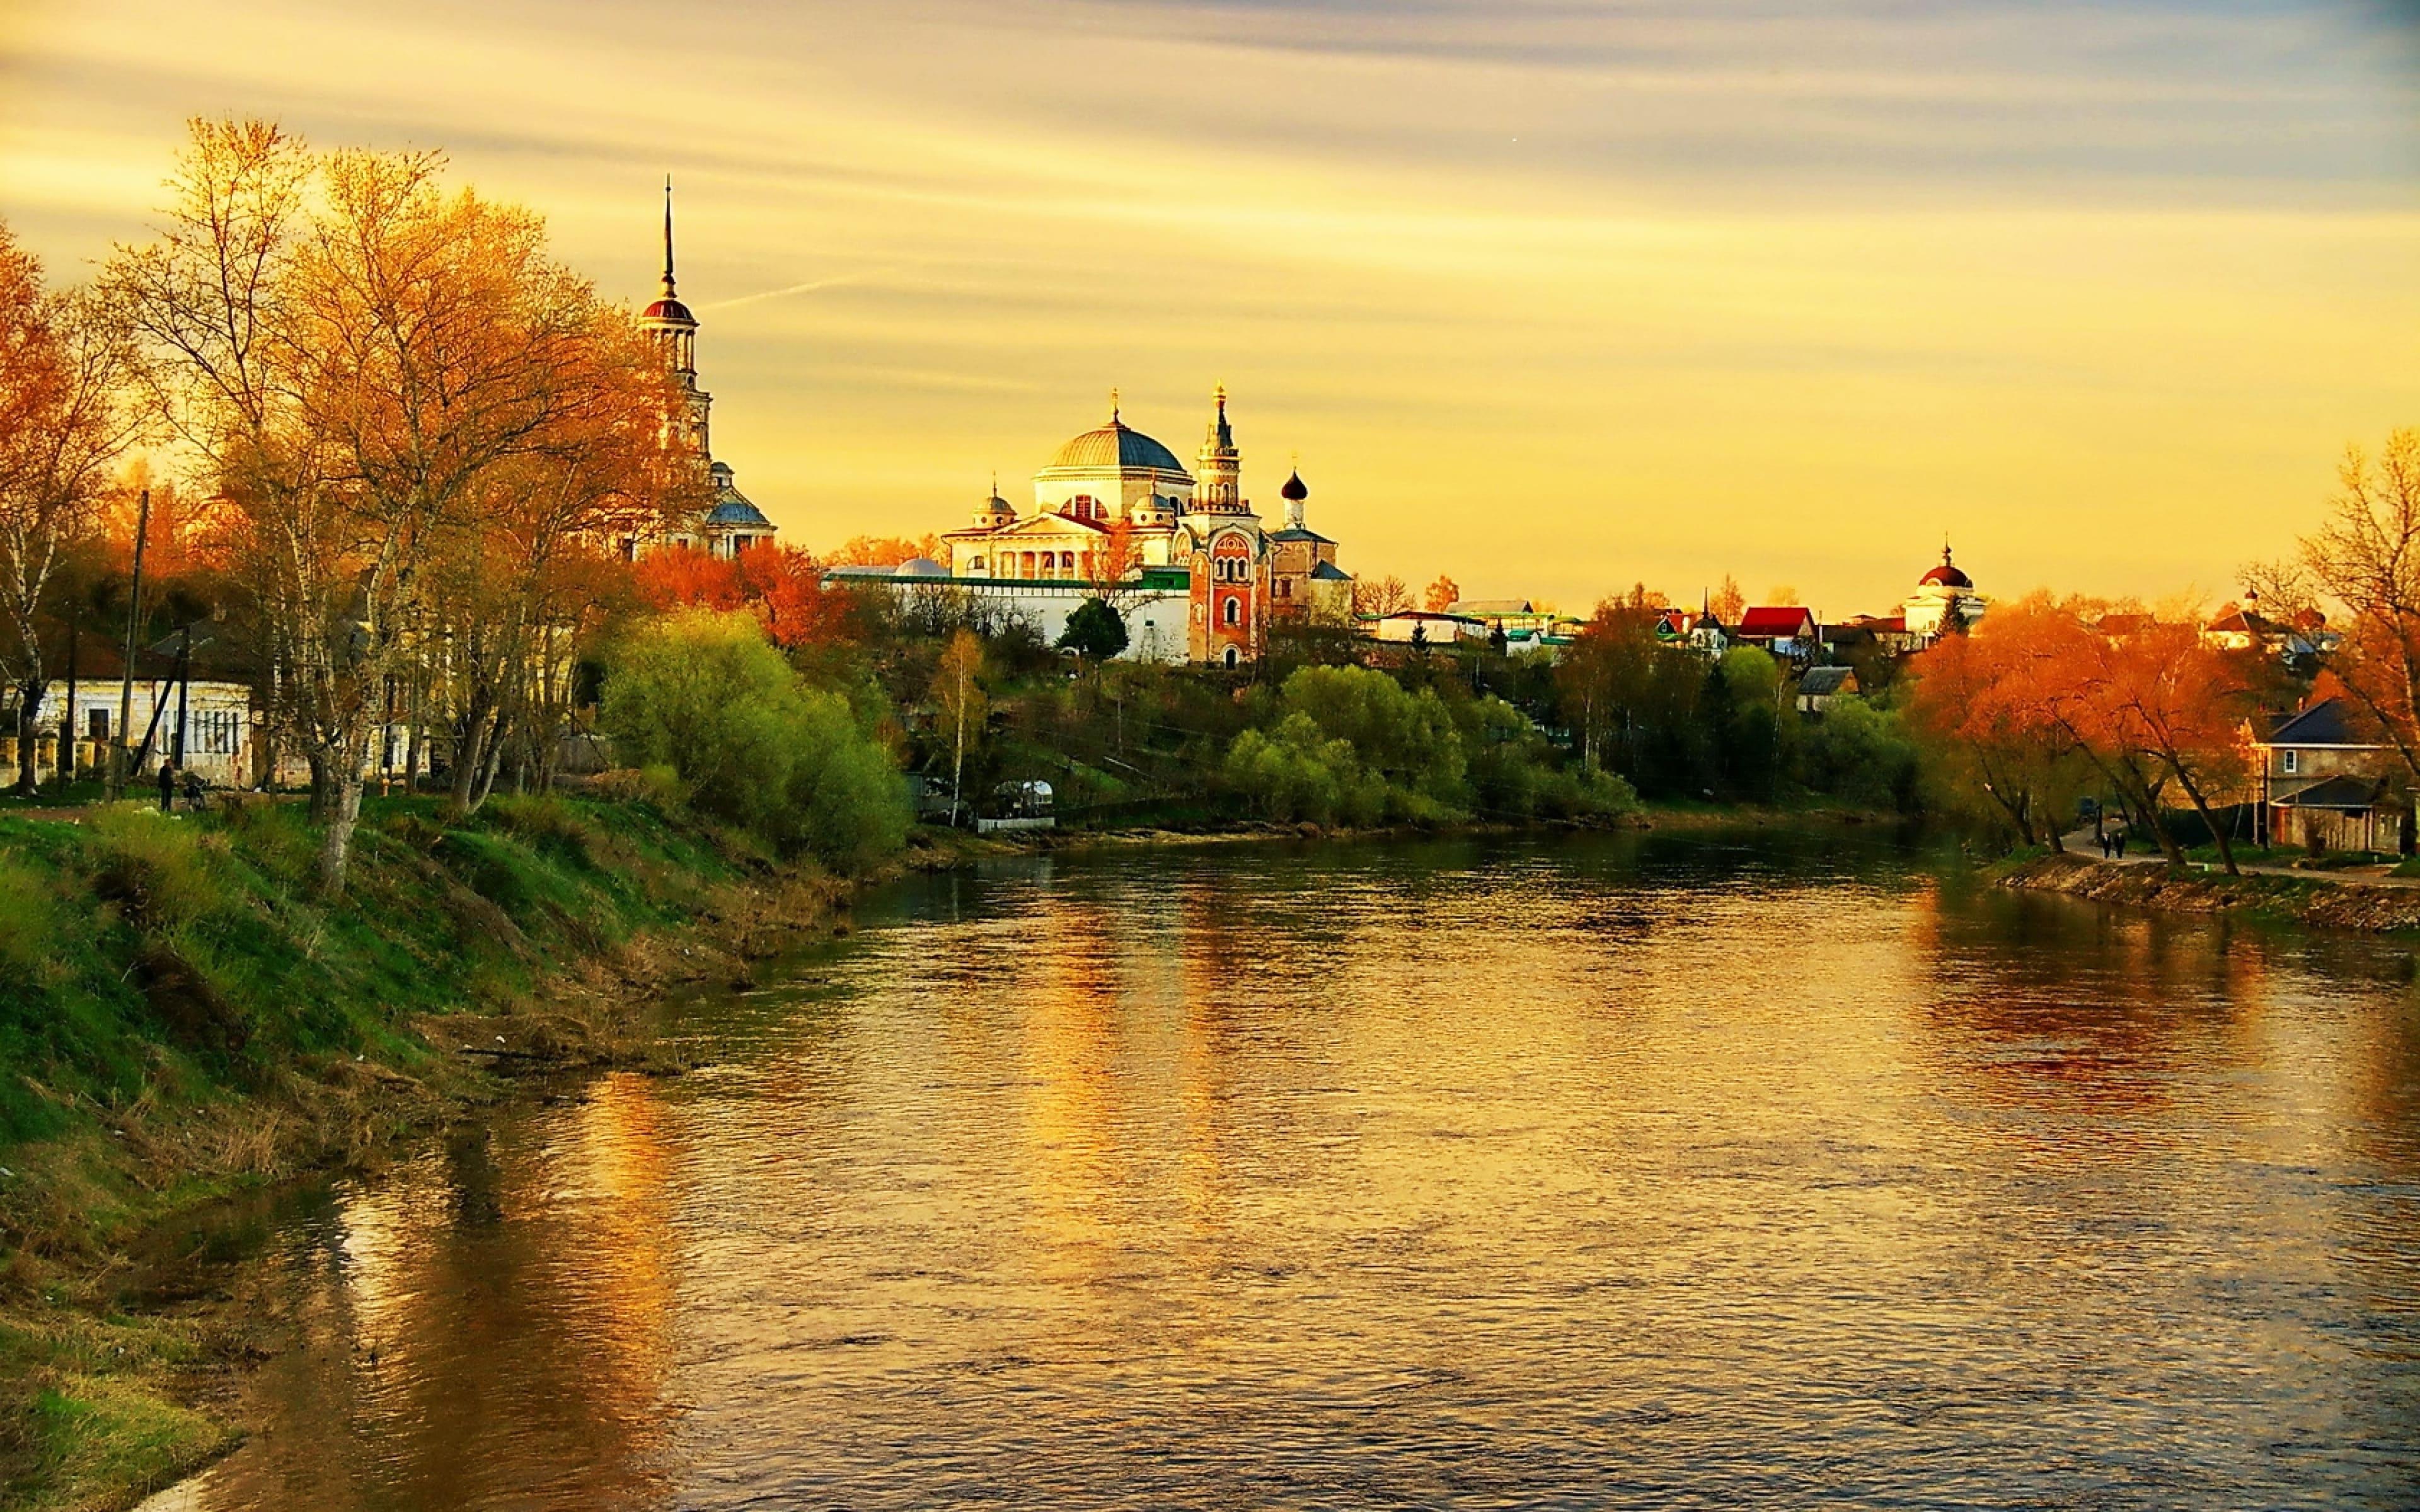 HDoboi.Kiev.ua - Россия, Торжок, тверская область, 4k ultra hd